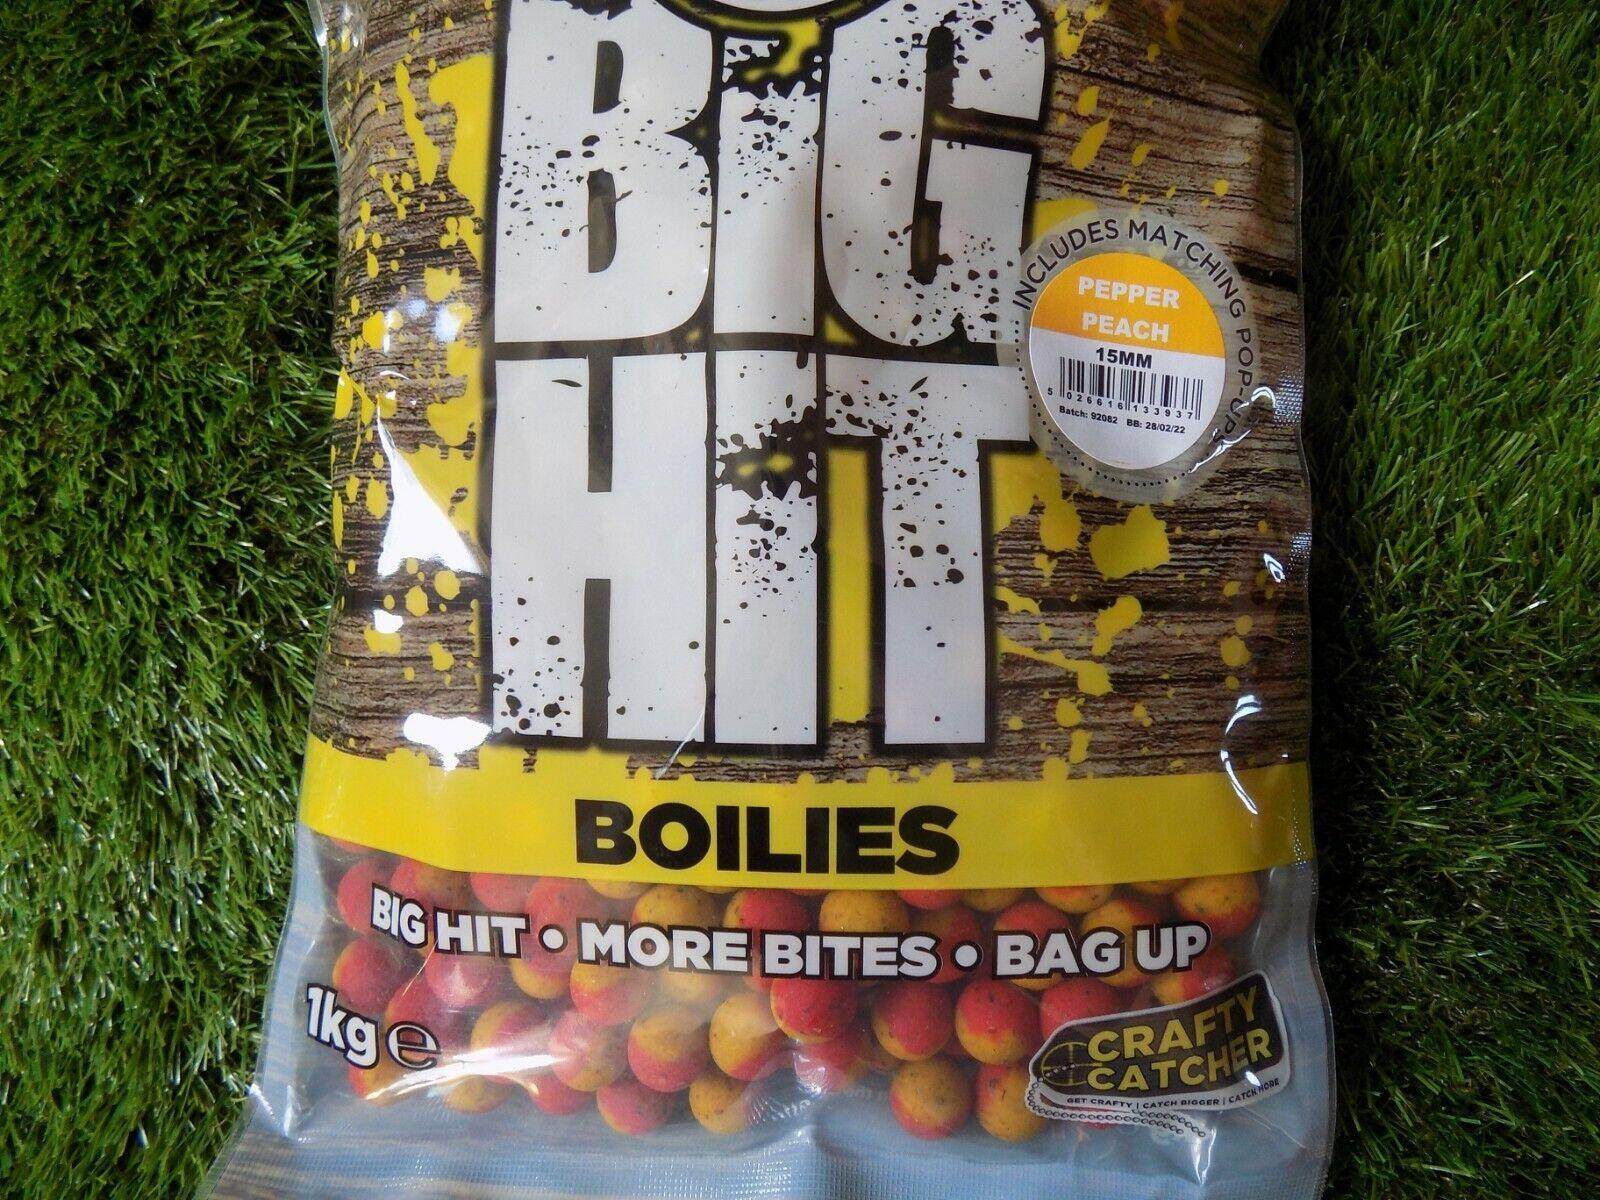 Crafty Catcher boilies 15mm shelf life1kg bags big hit pepper peach pop up, mung